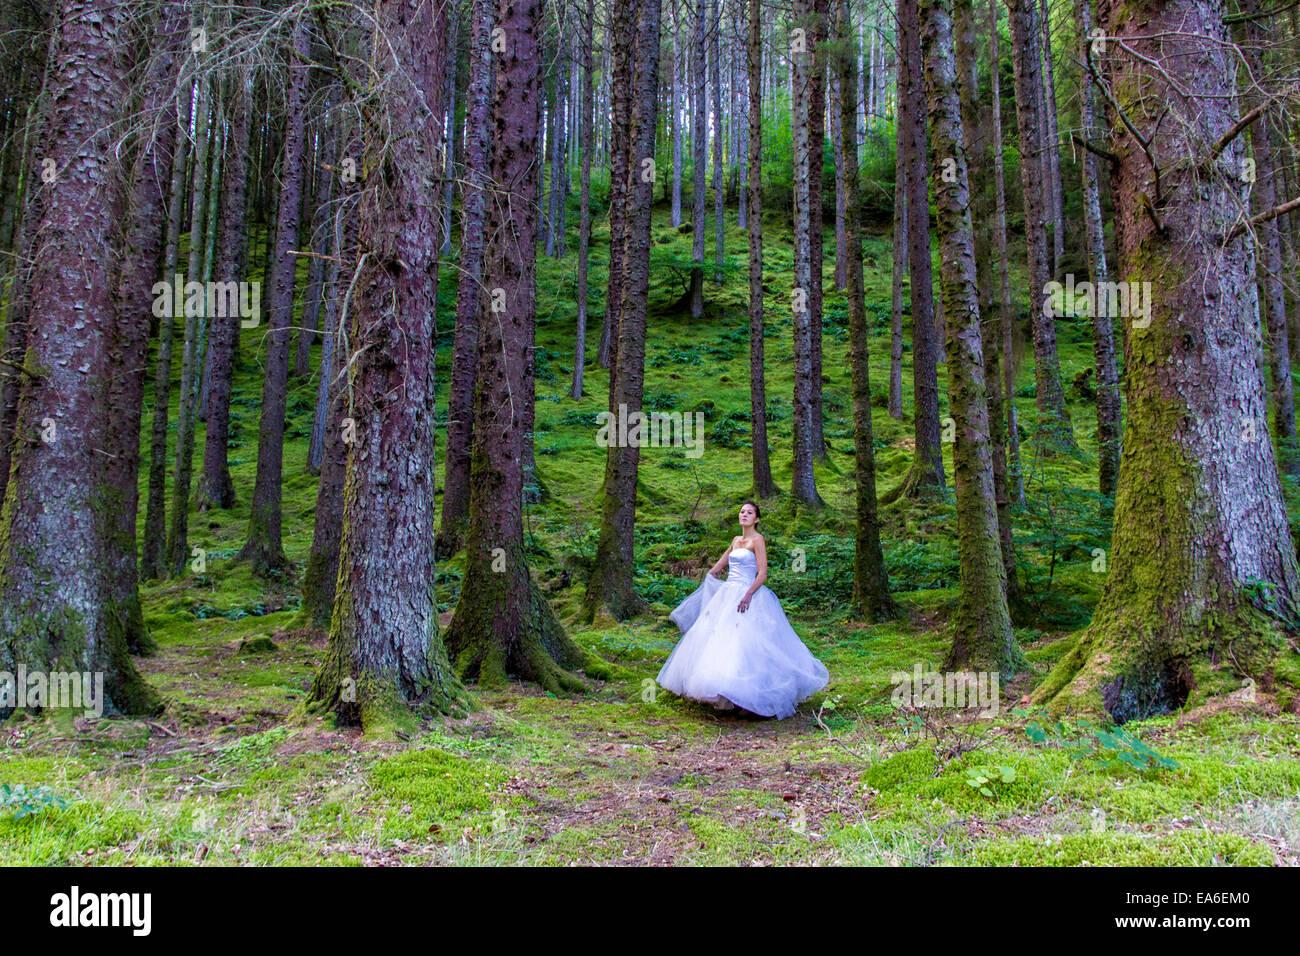 Regno Unito, Scozia, donne in abito da sposa in foresta Foto Stock